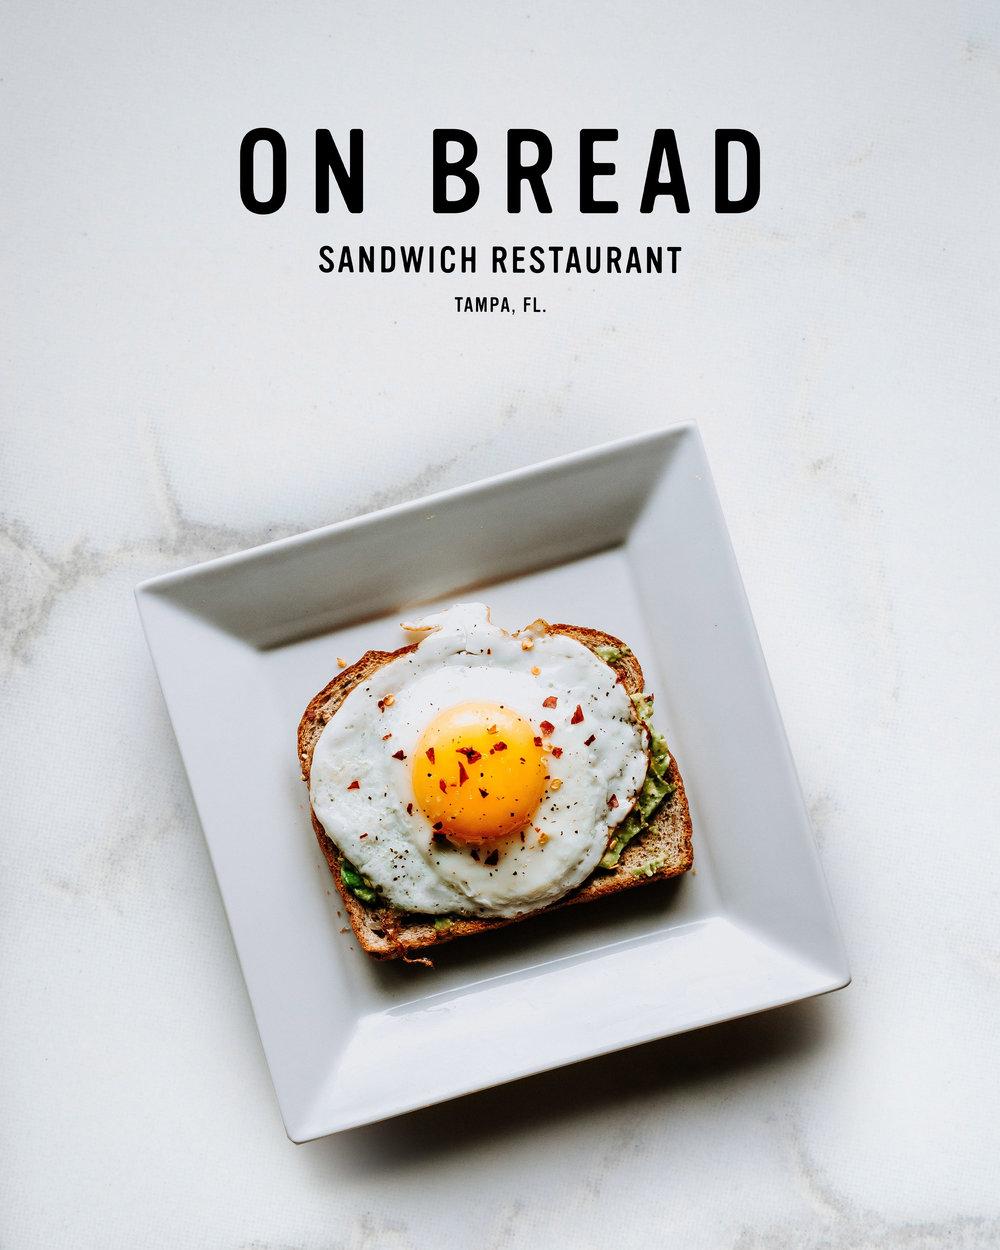 on bread logo3.jpg